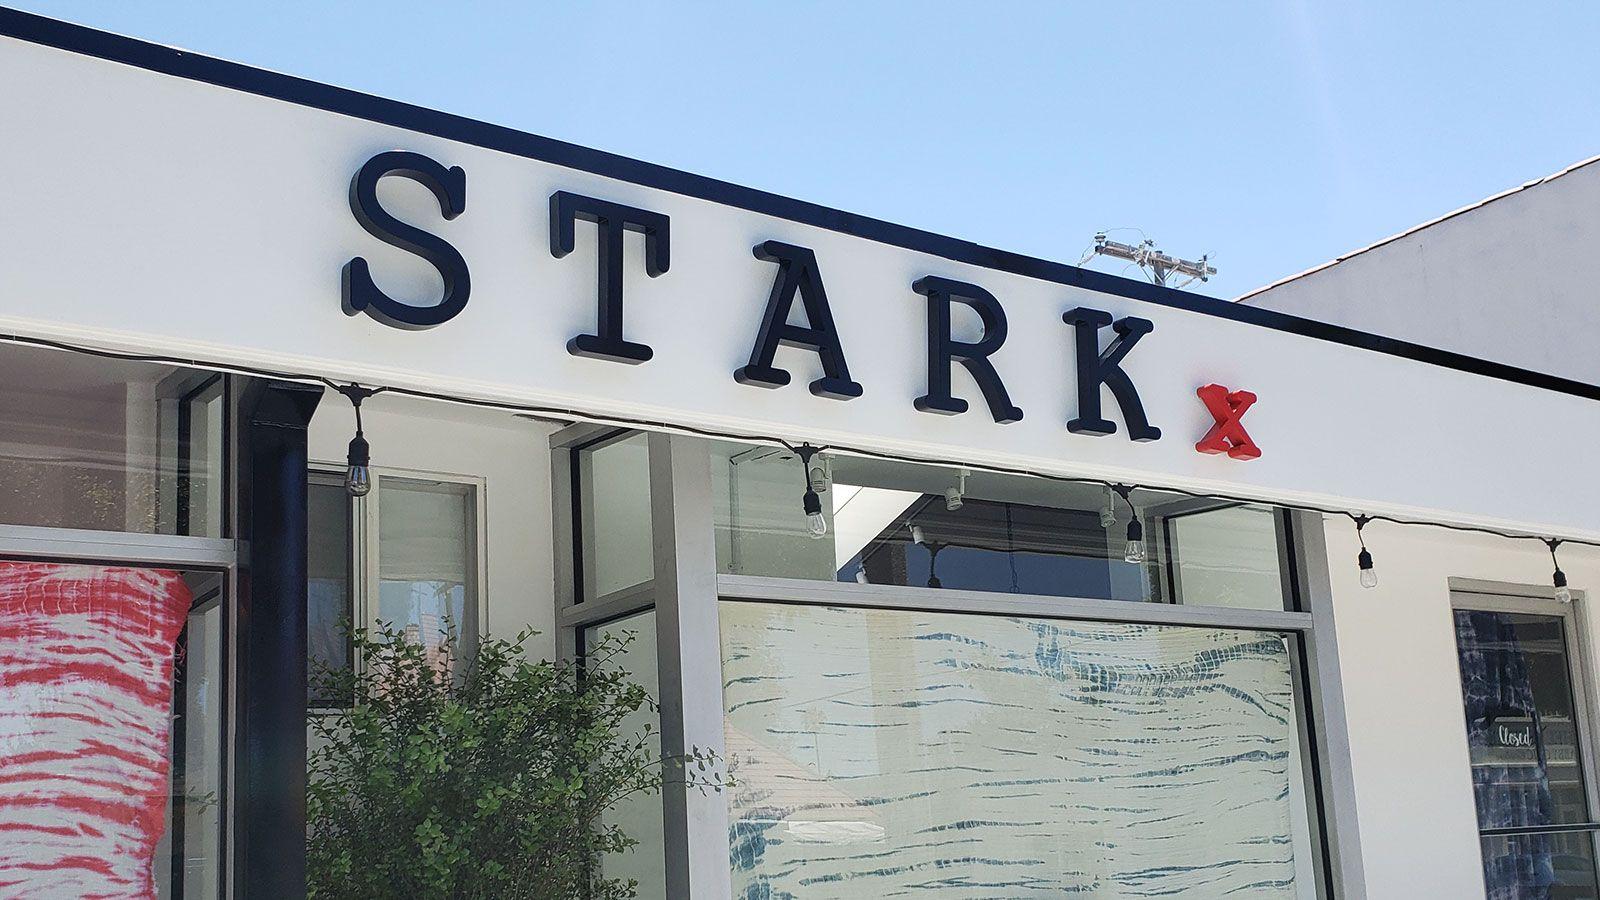 Stark building 3d letters